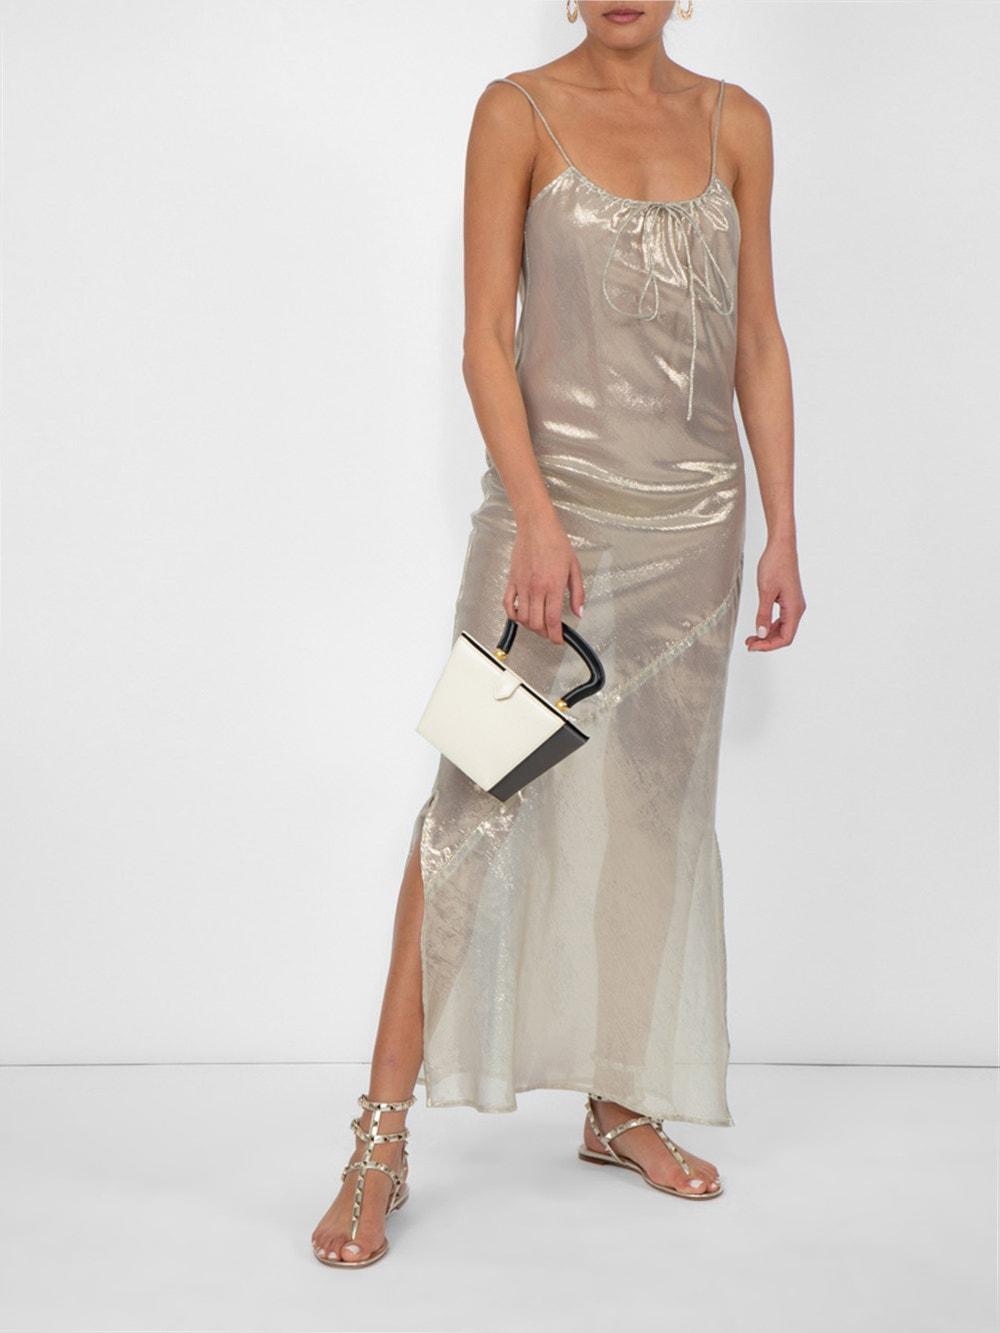 Slip HisAndHers-Clothing Femme